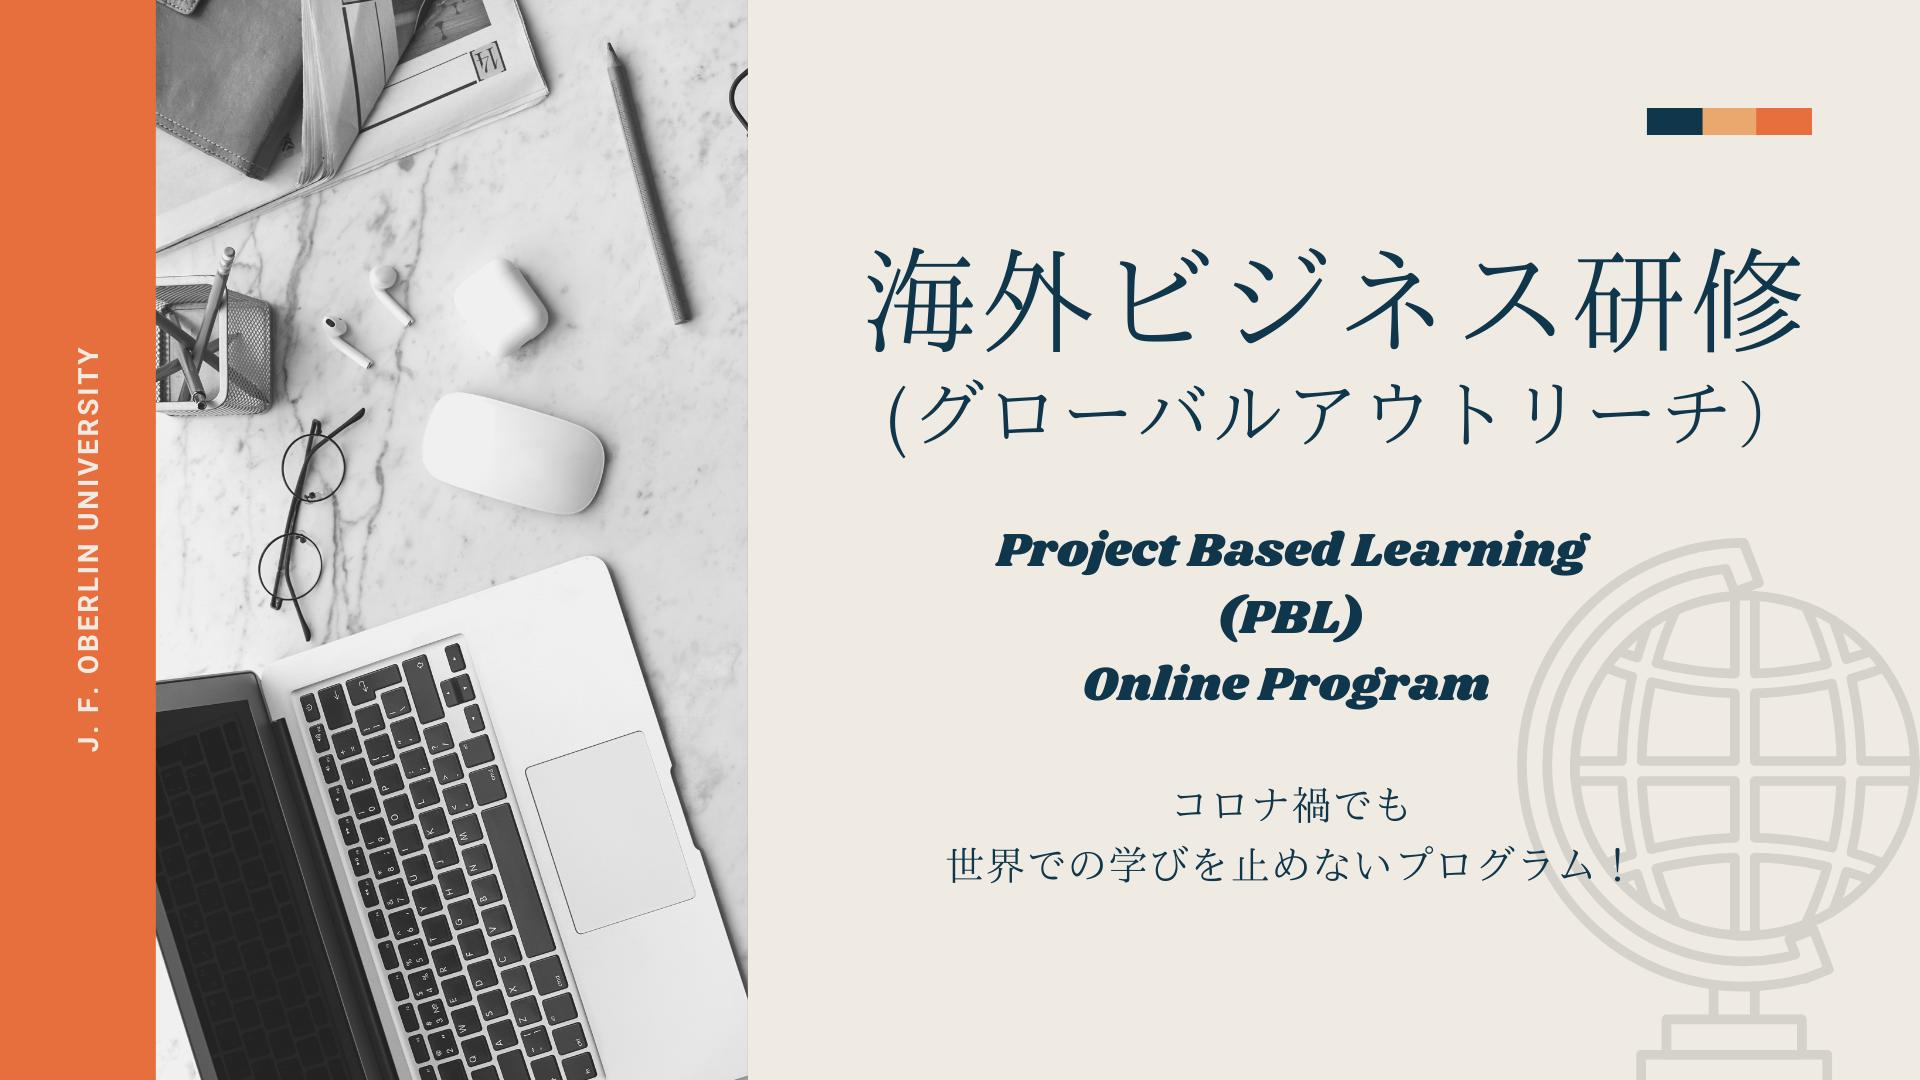 【説明会開催】海外ビジネス研修 (グローバルアウトリーチ) Project Based Learning Online Program